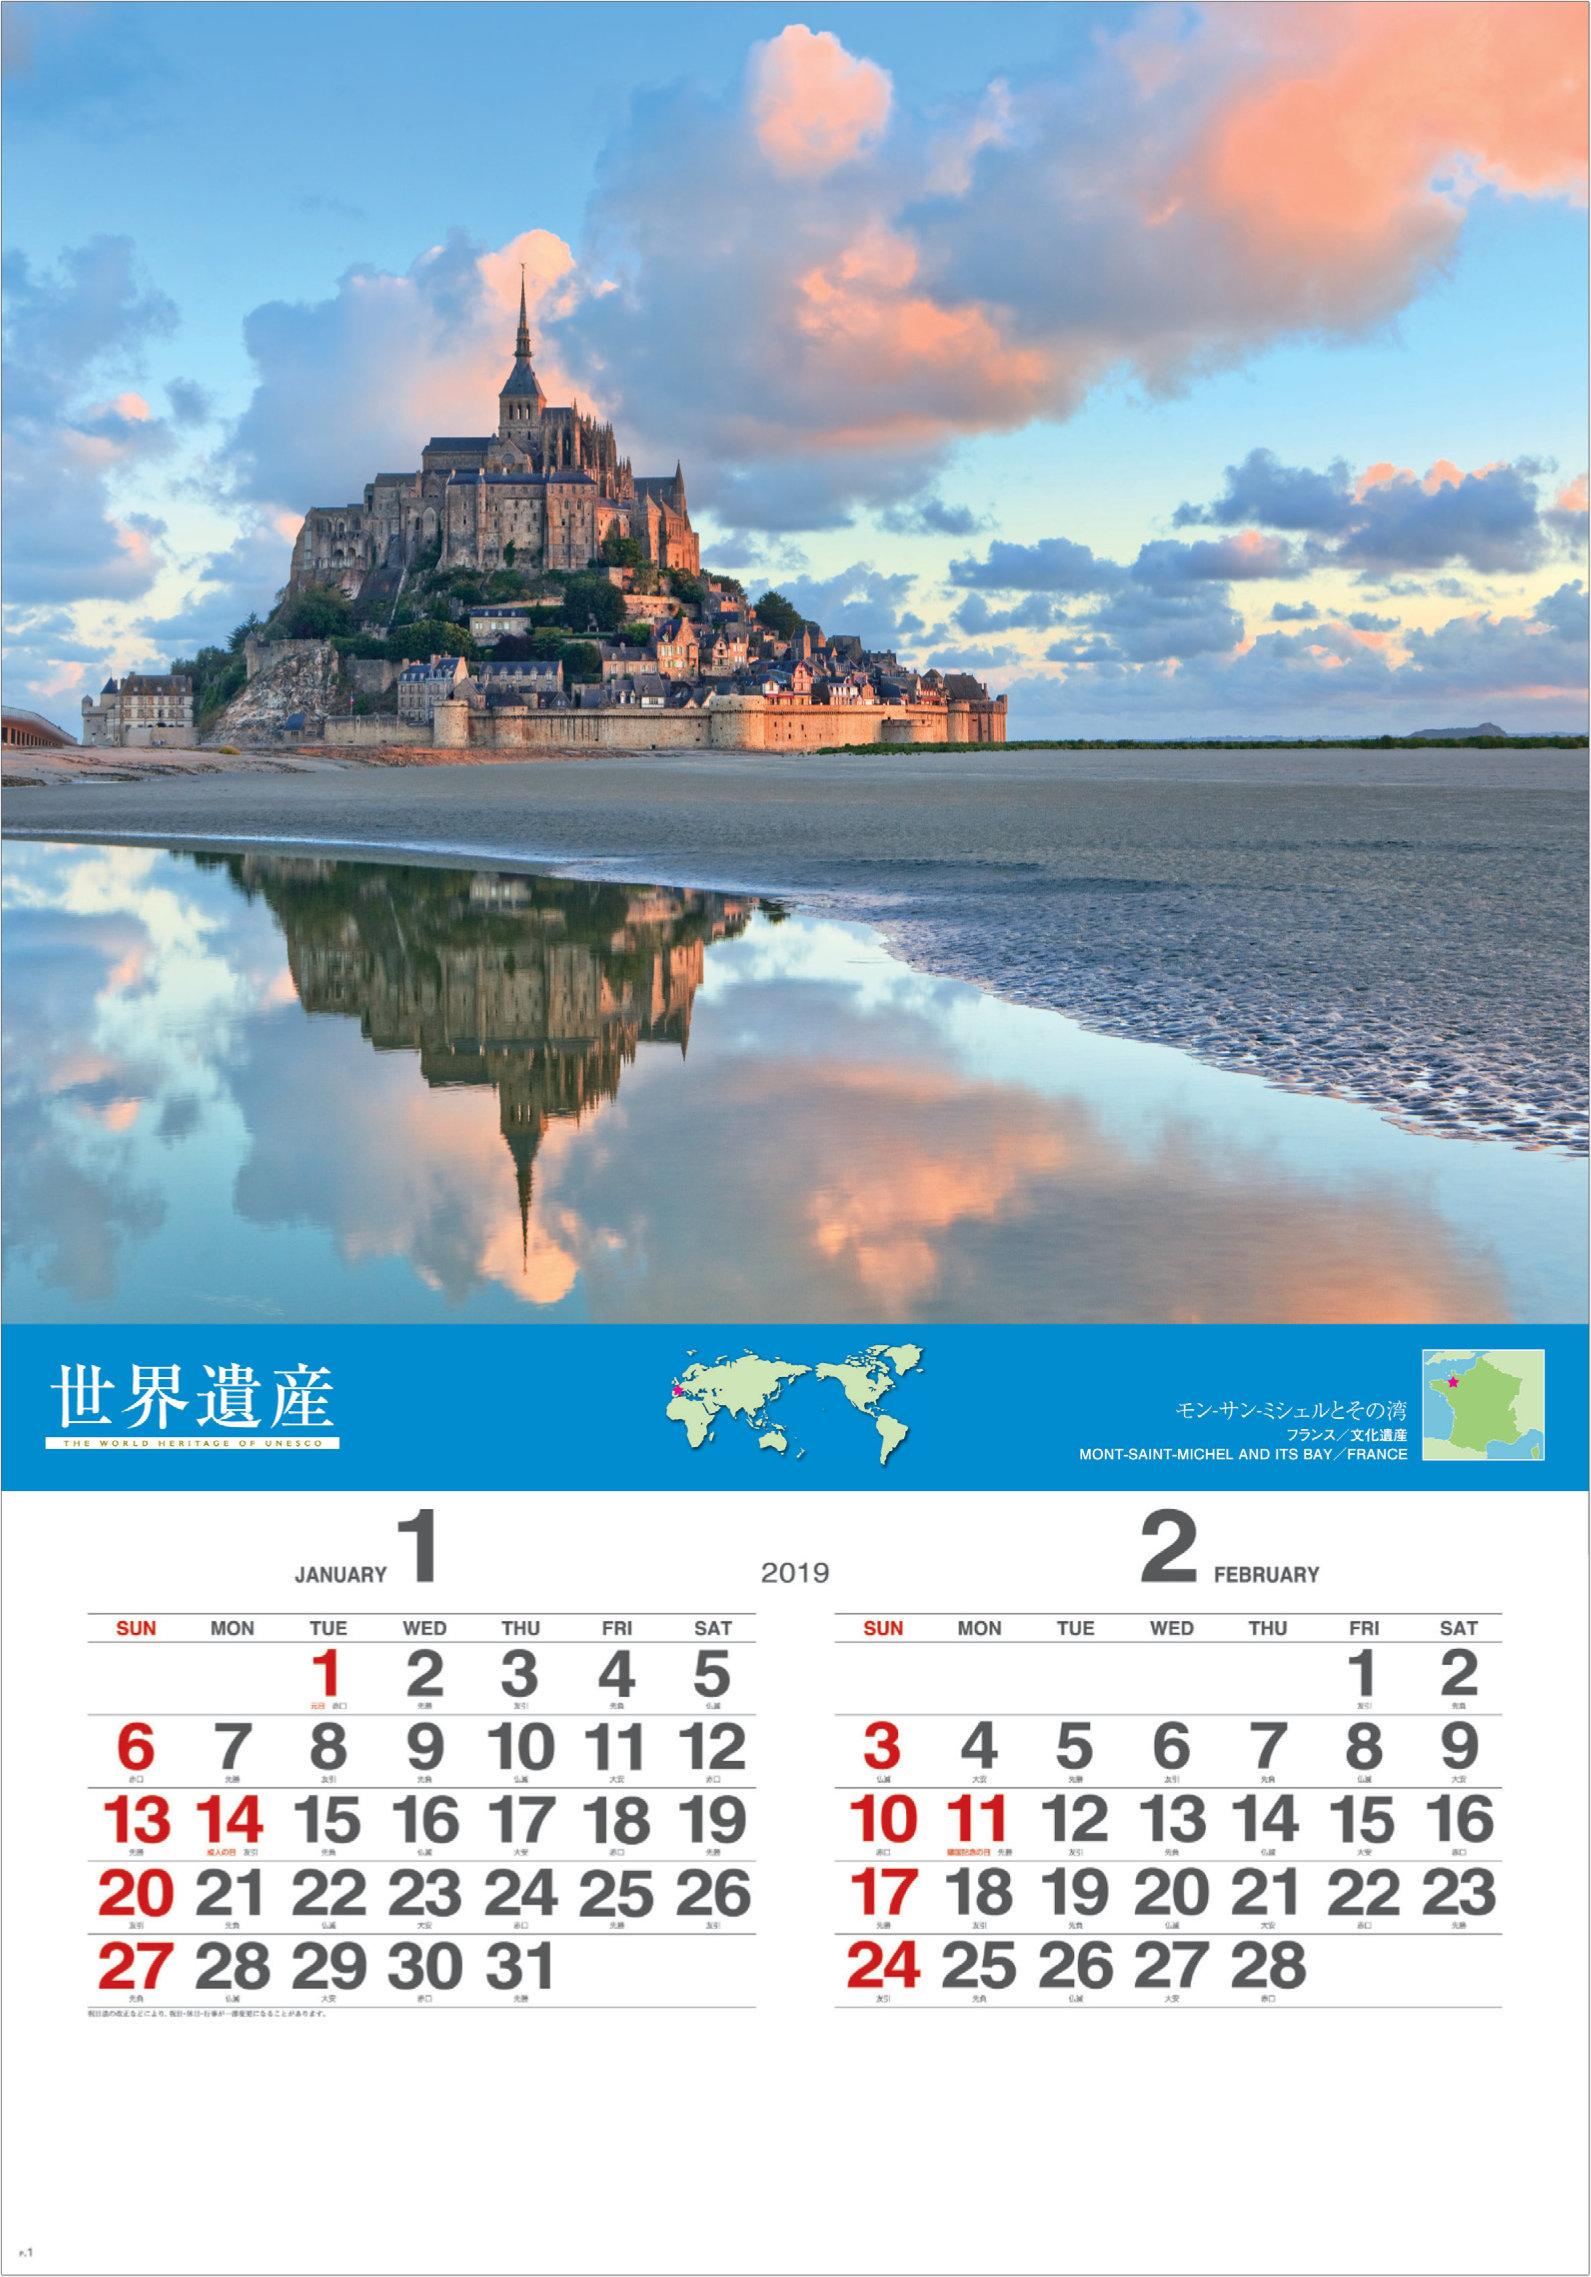 画像:フランスの世界遺産「モン・サン・ミシェル」 ユネスコ世界遺産(フィルムカレンダー) 2019年カレンダー